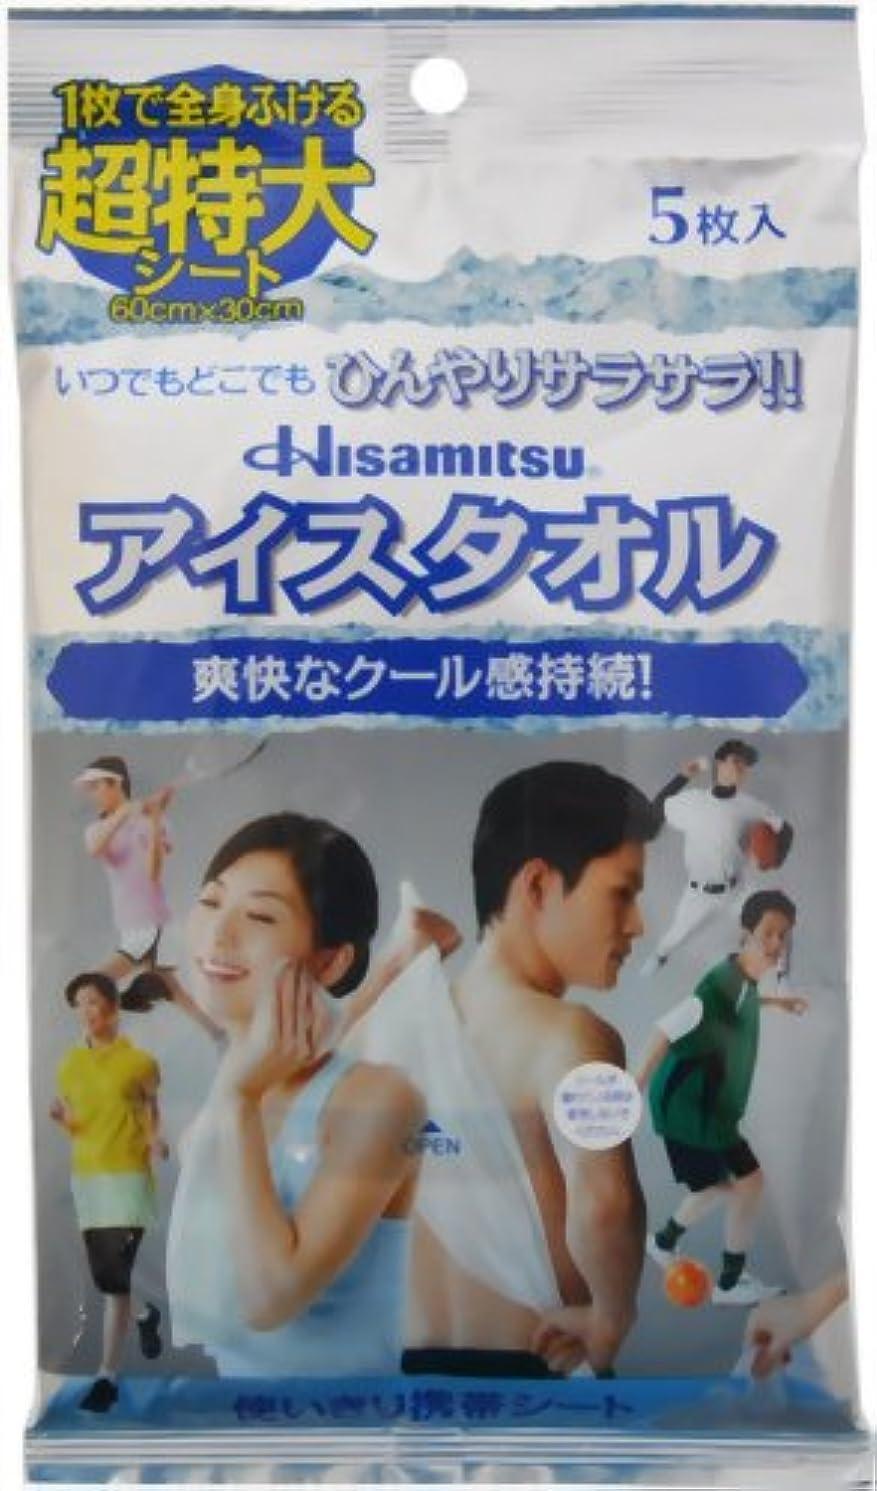 トランペットにはまって合成Hisamitsu アイスタオル 5枚入